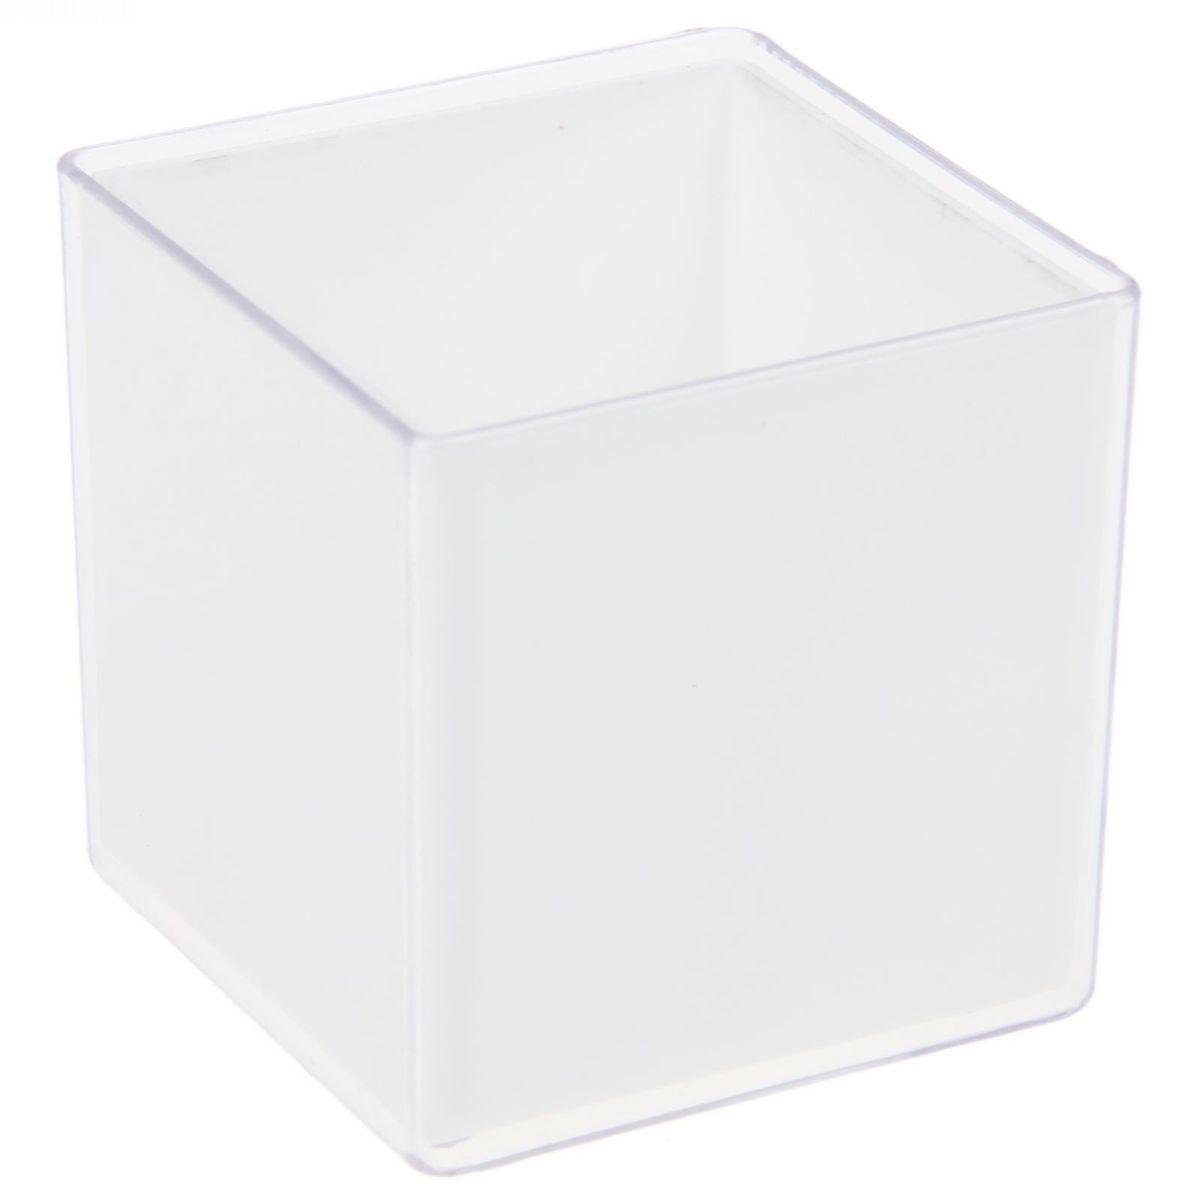 Кашпо JetPlast Мини куб, на магните, цвет: прозрачный, 6 x 6 x 6 см4612754050468Кашпо JetPlast Мини куб предназначено для украшения любого интерьера. Благодаря магнитной ленте, входящей в комплект, вы можете разместить его не только на подоконнике, столе или иной поверхности, а также на холодильнике и любой другой металлической поверхности, дополняя привычные вещи новыми дизайнерскими решениями. Кашпо можно использовать не только под цветы, но и как подставку для ручек, карандашей и прочих канцелярских мелочей. Размеры кашпо: 6 х 6 х 6 см.